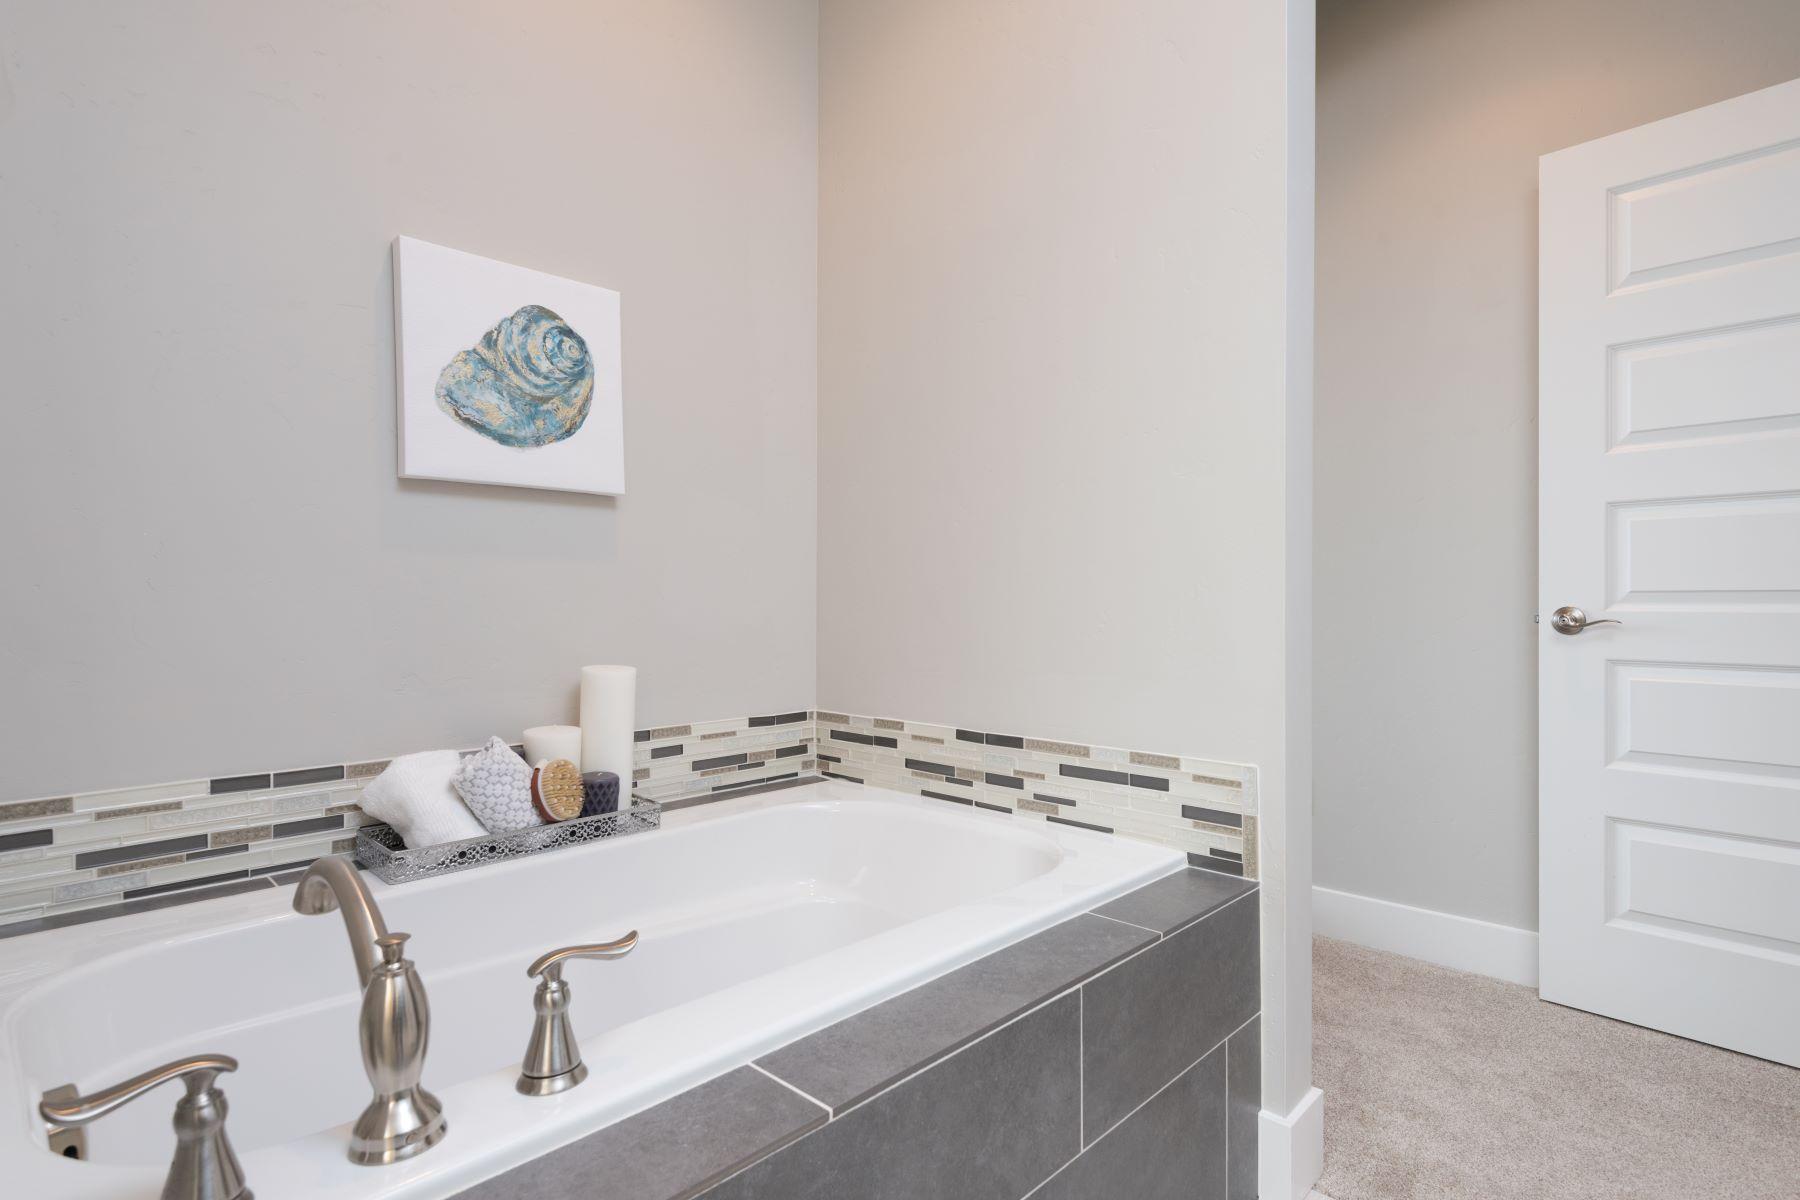 Частный односемейный дом для того Продажа на The Jefferson by Riverwood Homes in Apple Valley 3207 South Van Buren, Kennewick, Вашингтон, 99338 Соединенные Штаты